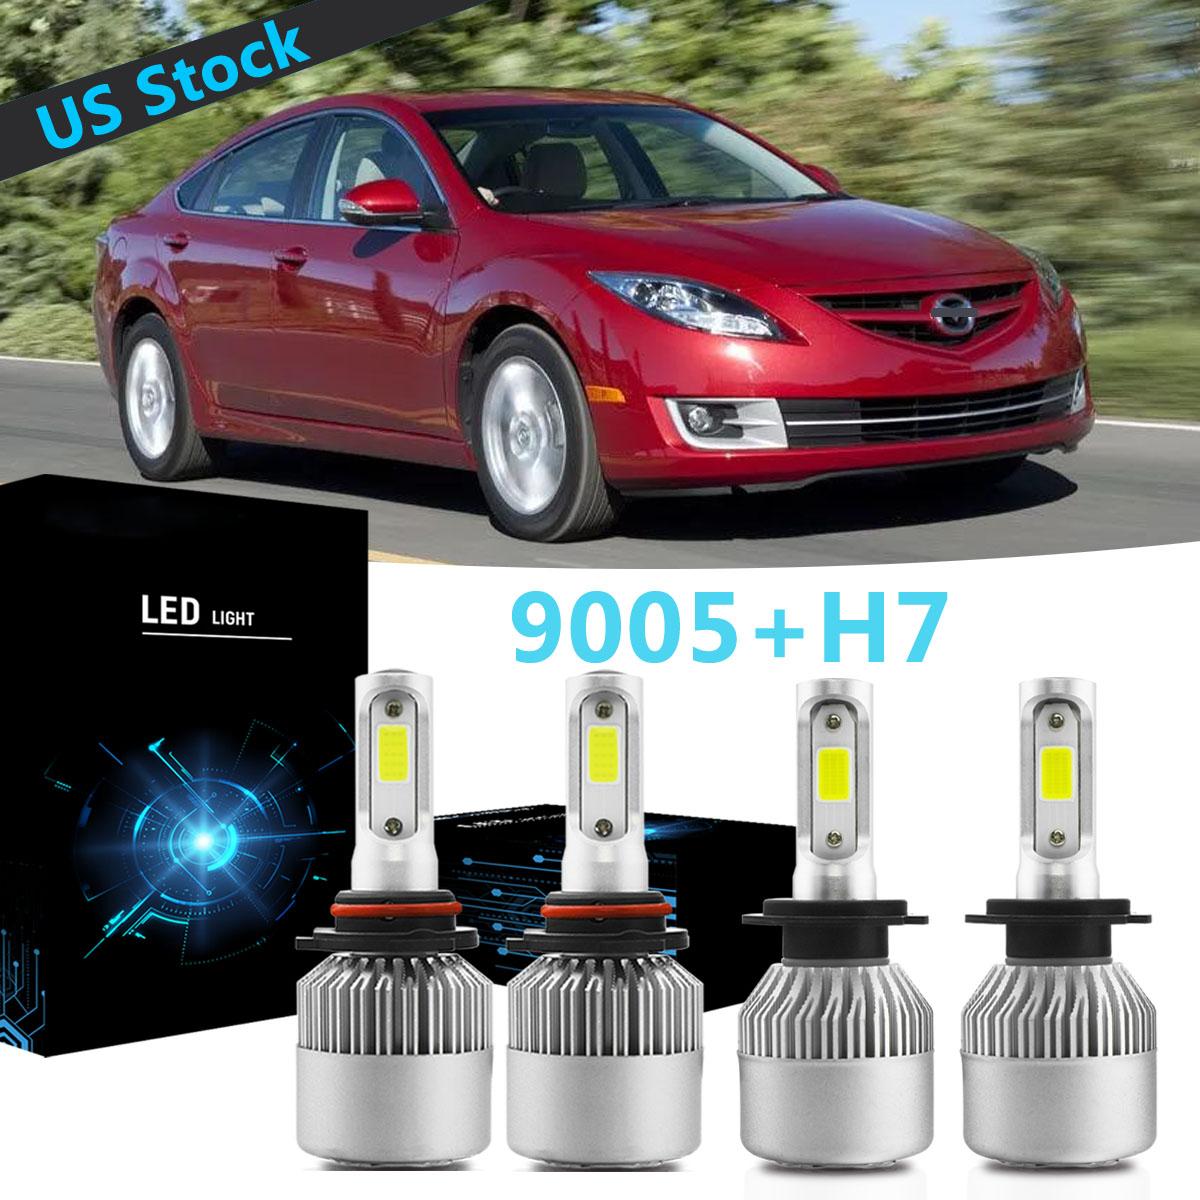 9005 H7 Led Headlight Bulb Hi Lo Beam S2 For Mazda 3 2007 2009 Mazda 6 2011 2013 Ebay